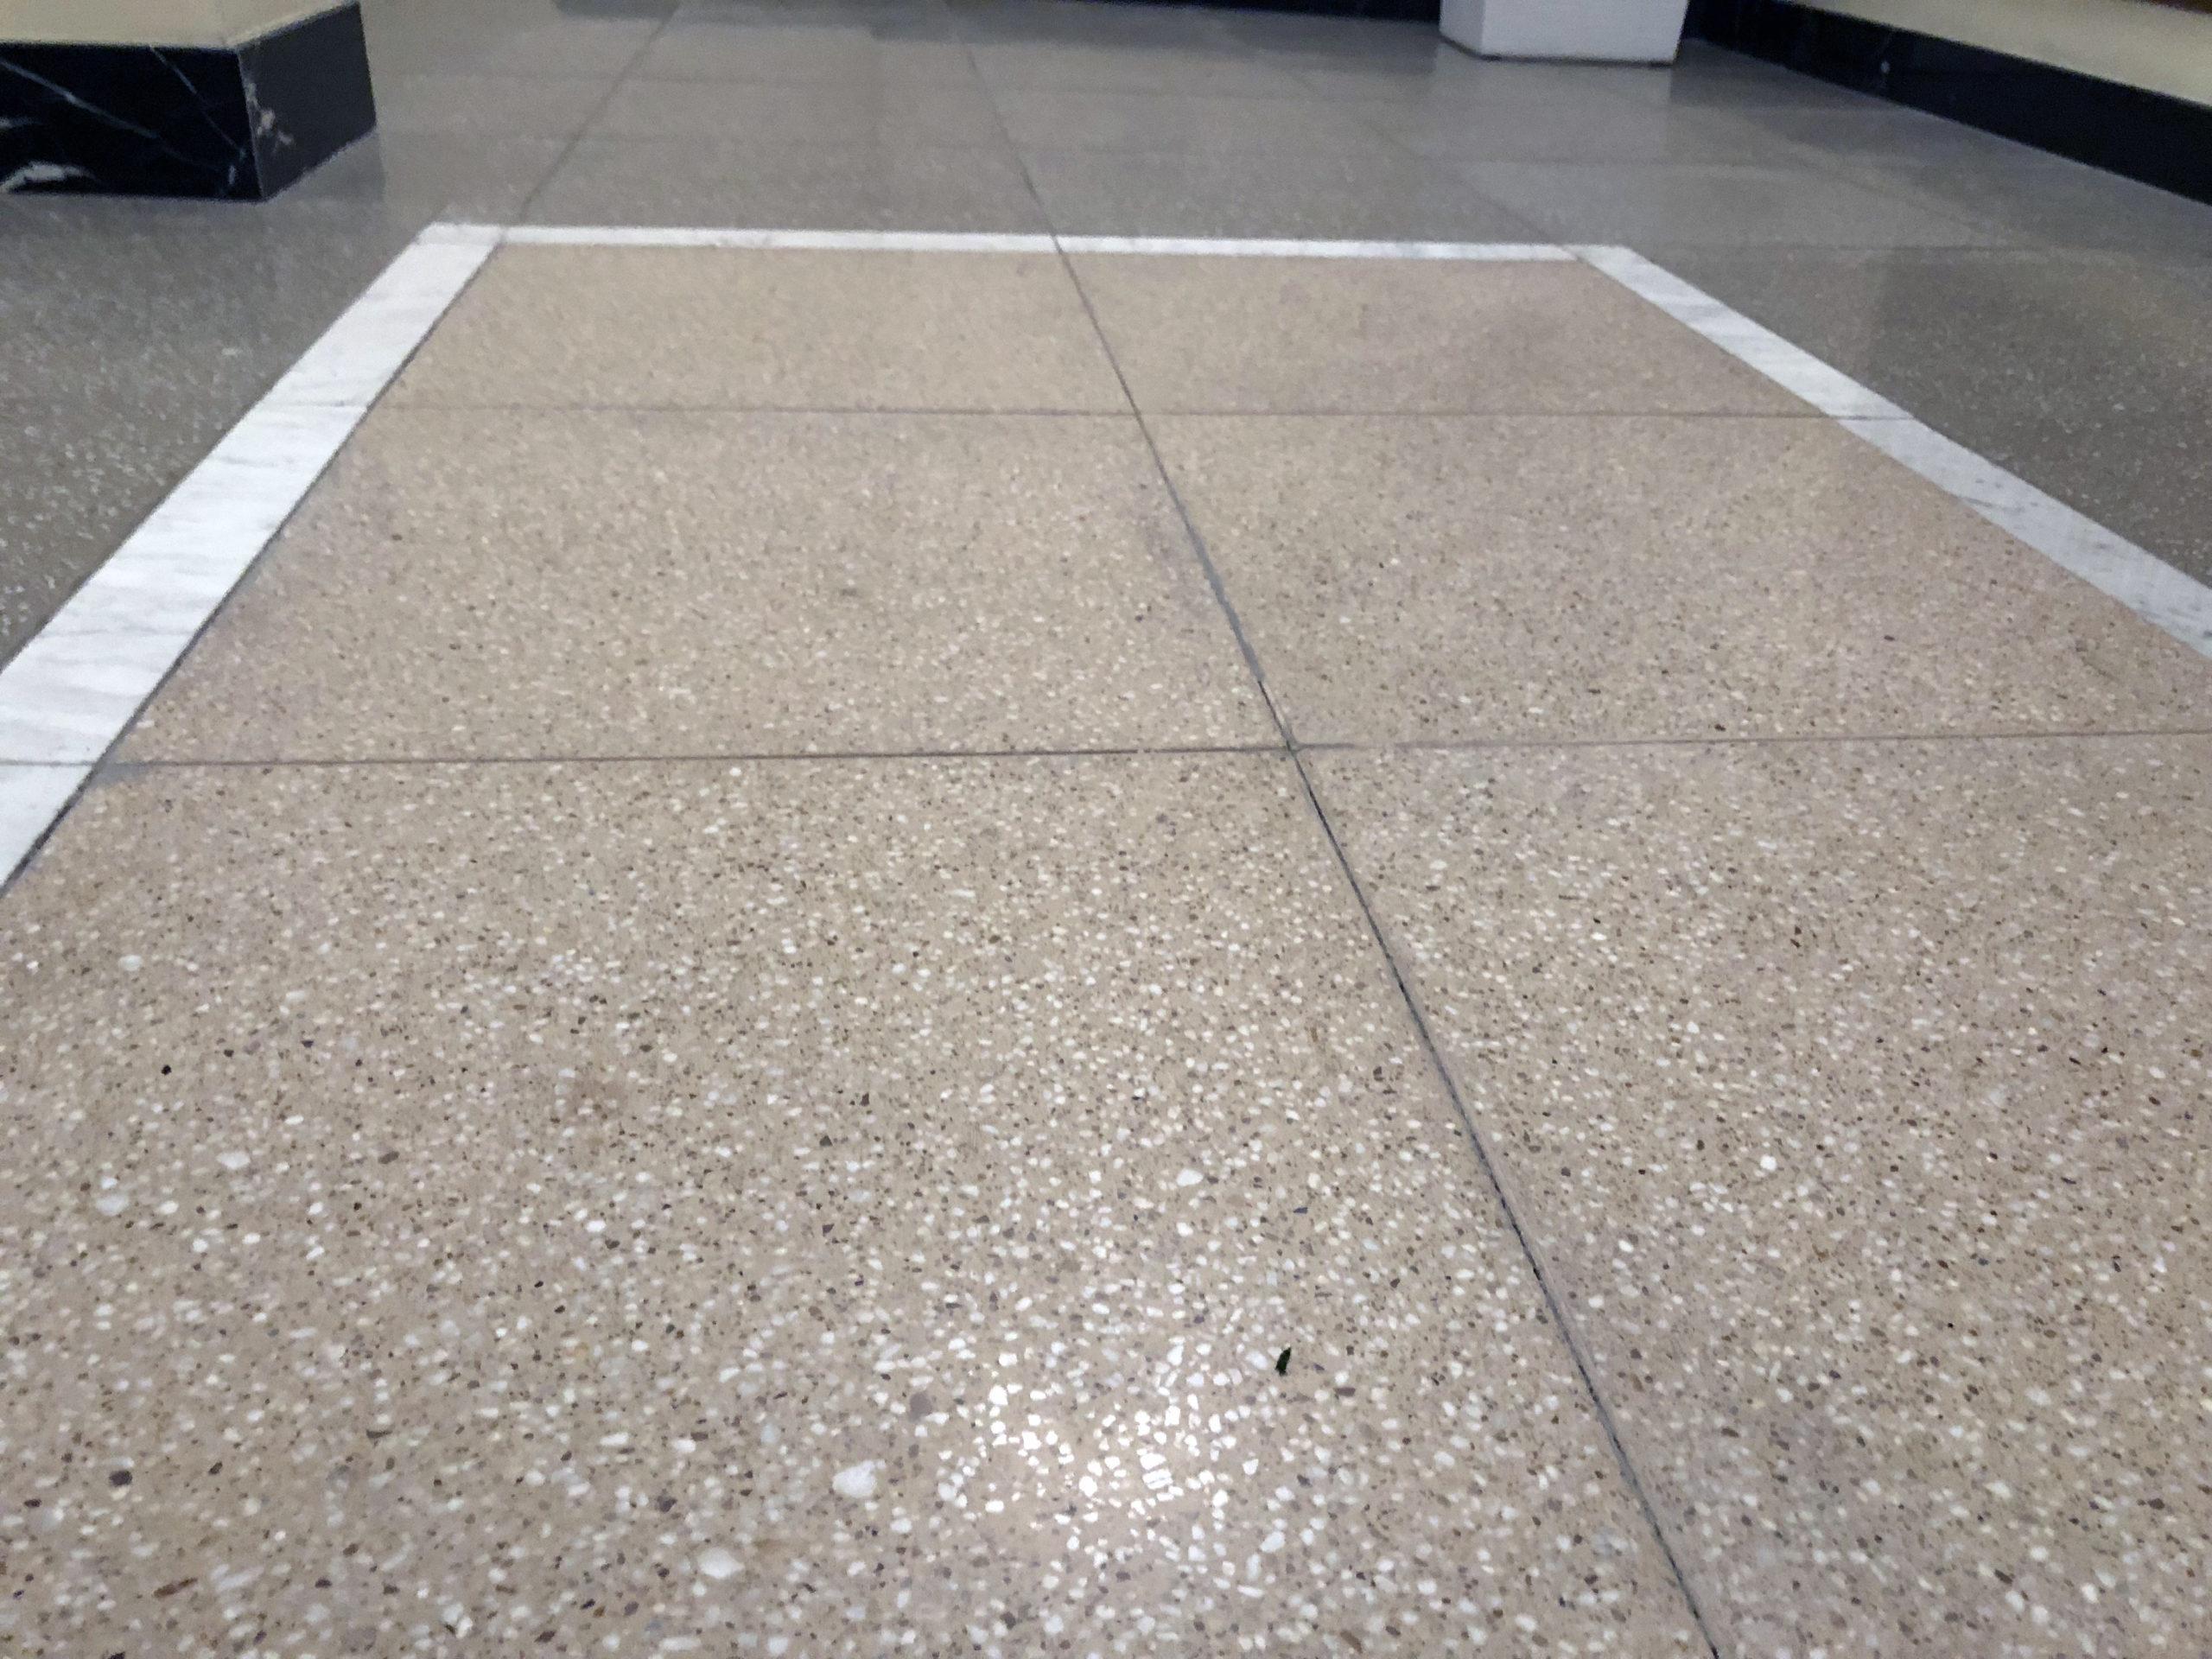 Московская государственная академическая филармония - работа по укладке плитки терраццо